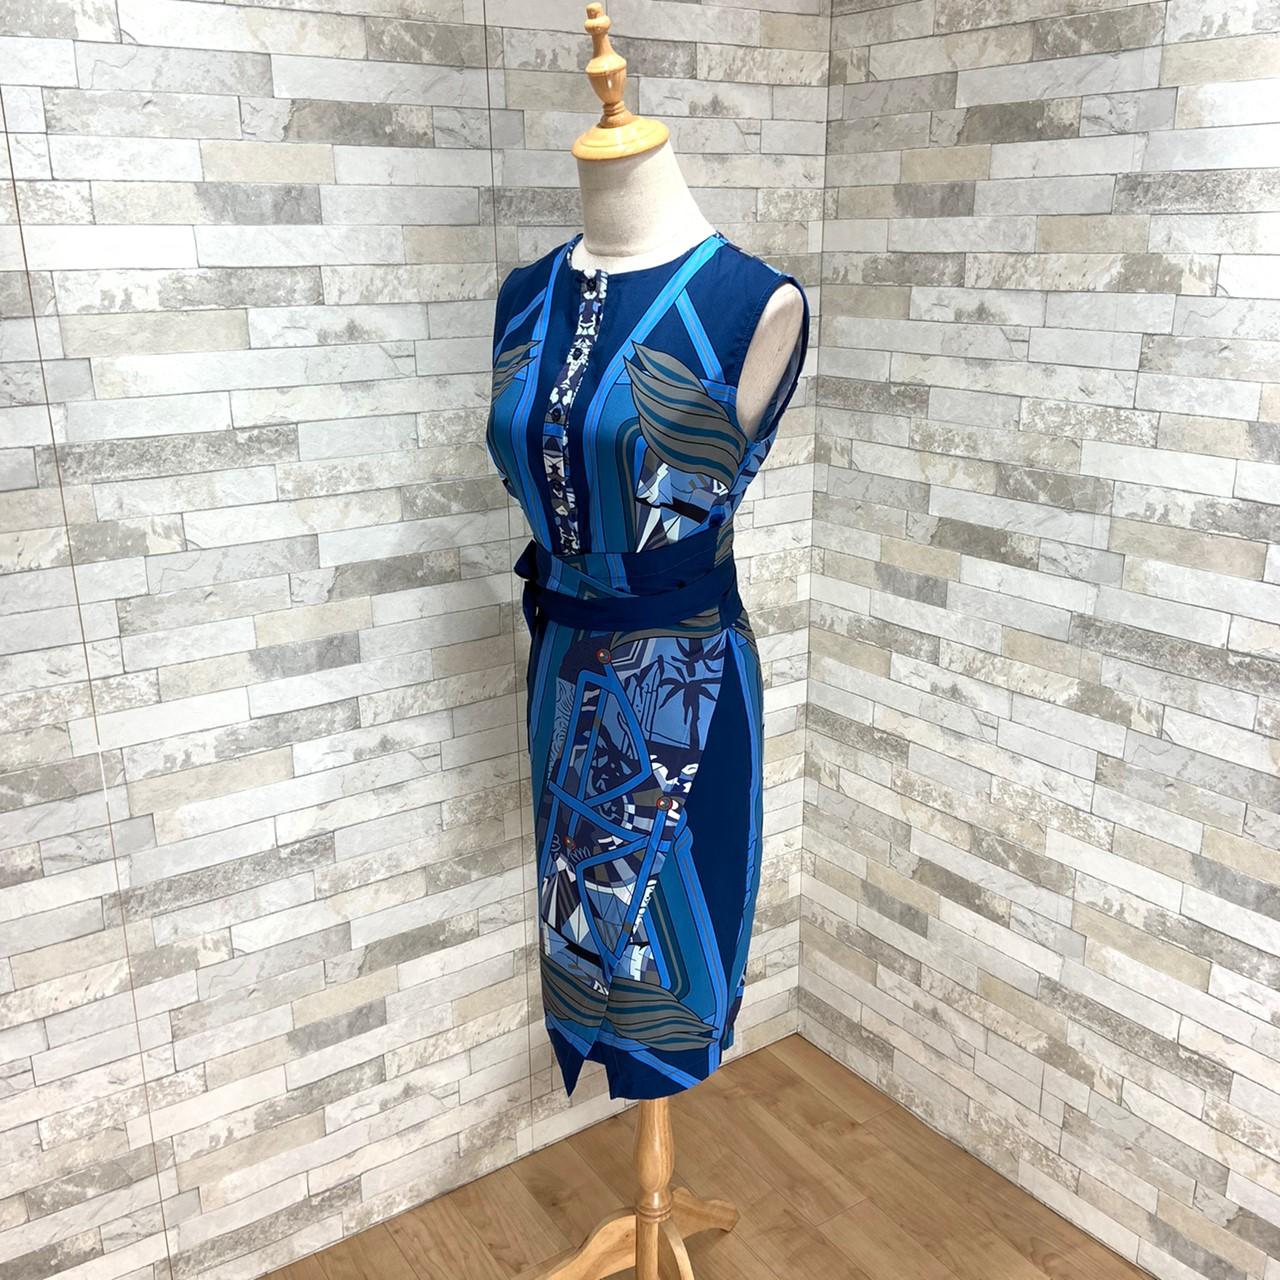 【即納】韓国 ファッション ワンピース パーティードレス ひざ丈 ミディアム 夏 春 パーティー ブライダル SPTXB517 結婚式 お呼ばれ ゴージャス レトロ スカーフ 二次会 セレブ きれいめの写真10枚目